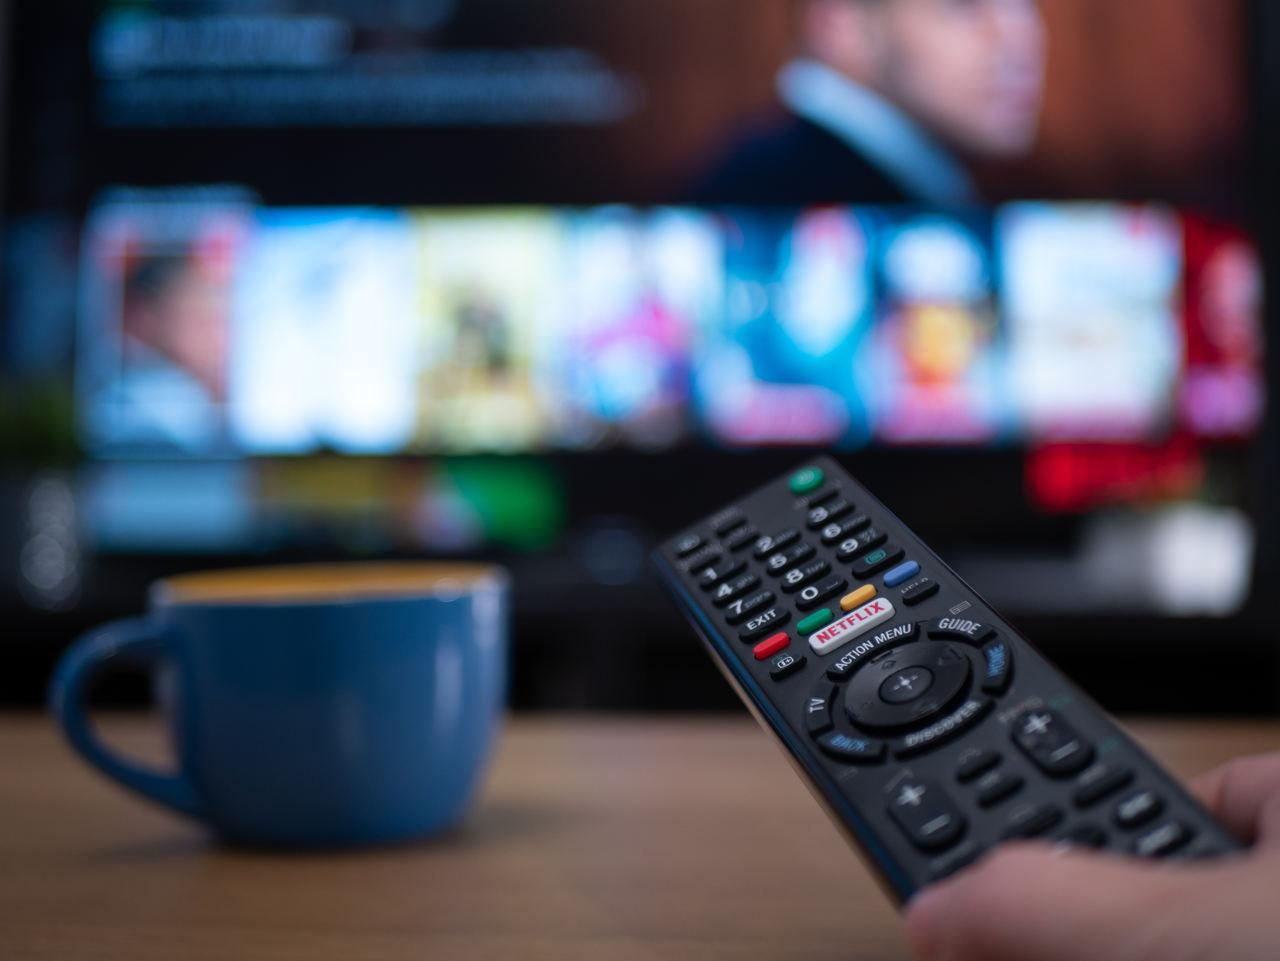 controle de televisão ao lado de xícara de café apoiada na mesa televisao ao fundo